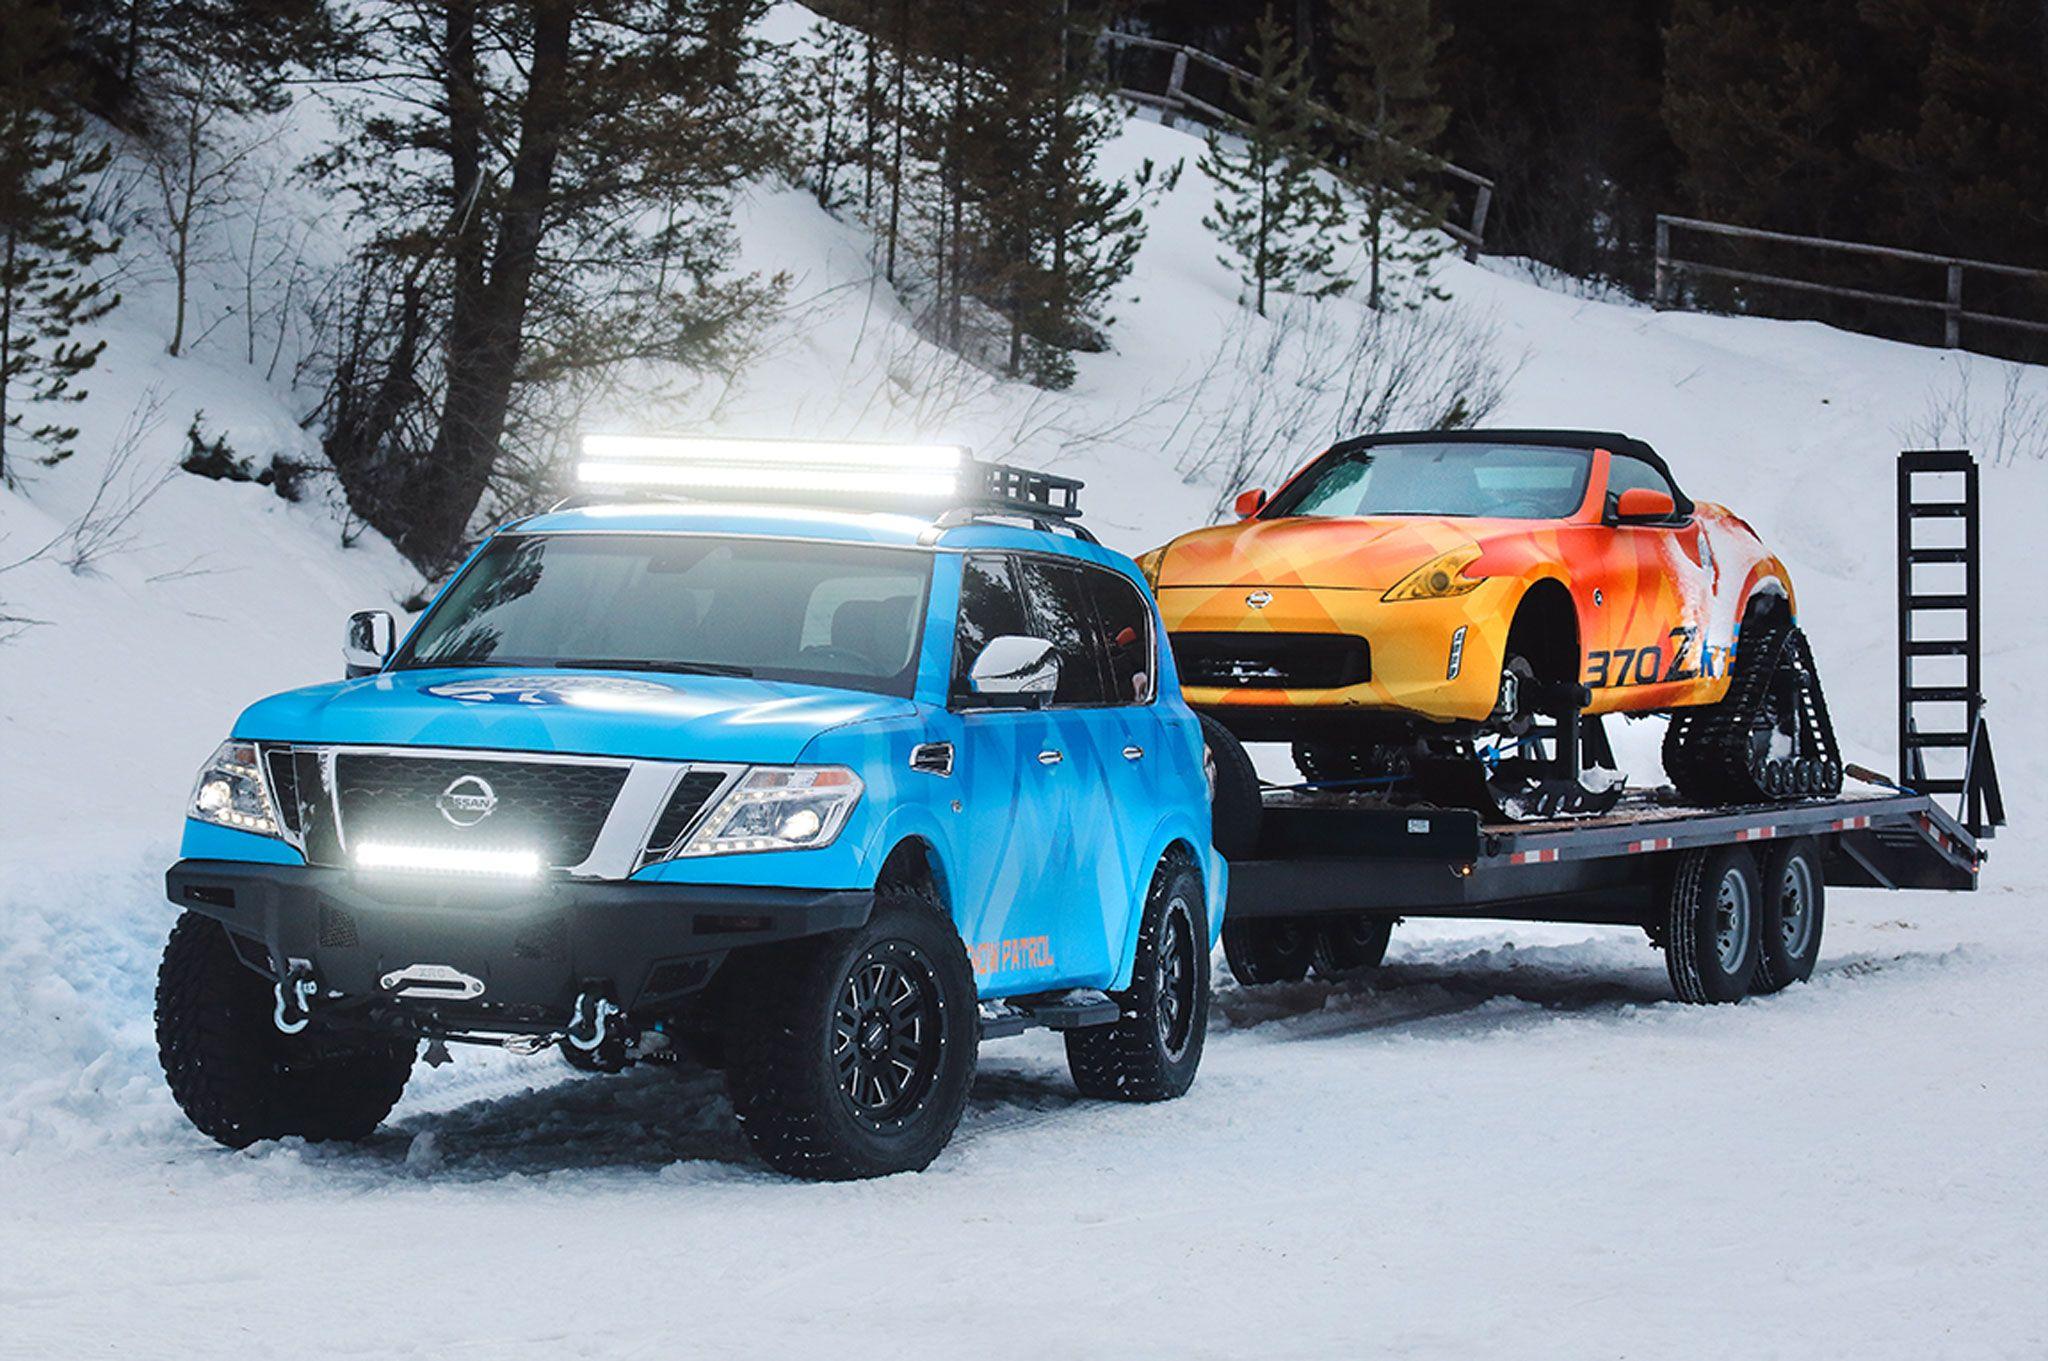 Terenowy Nissan 370Z? Więcej: Nissan 370Z do jazdy po śniegu